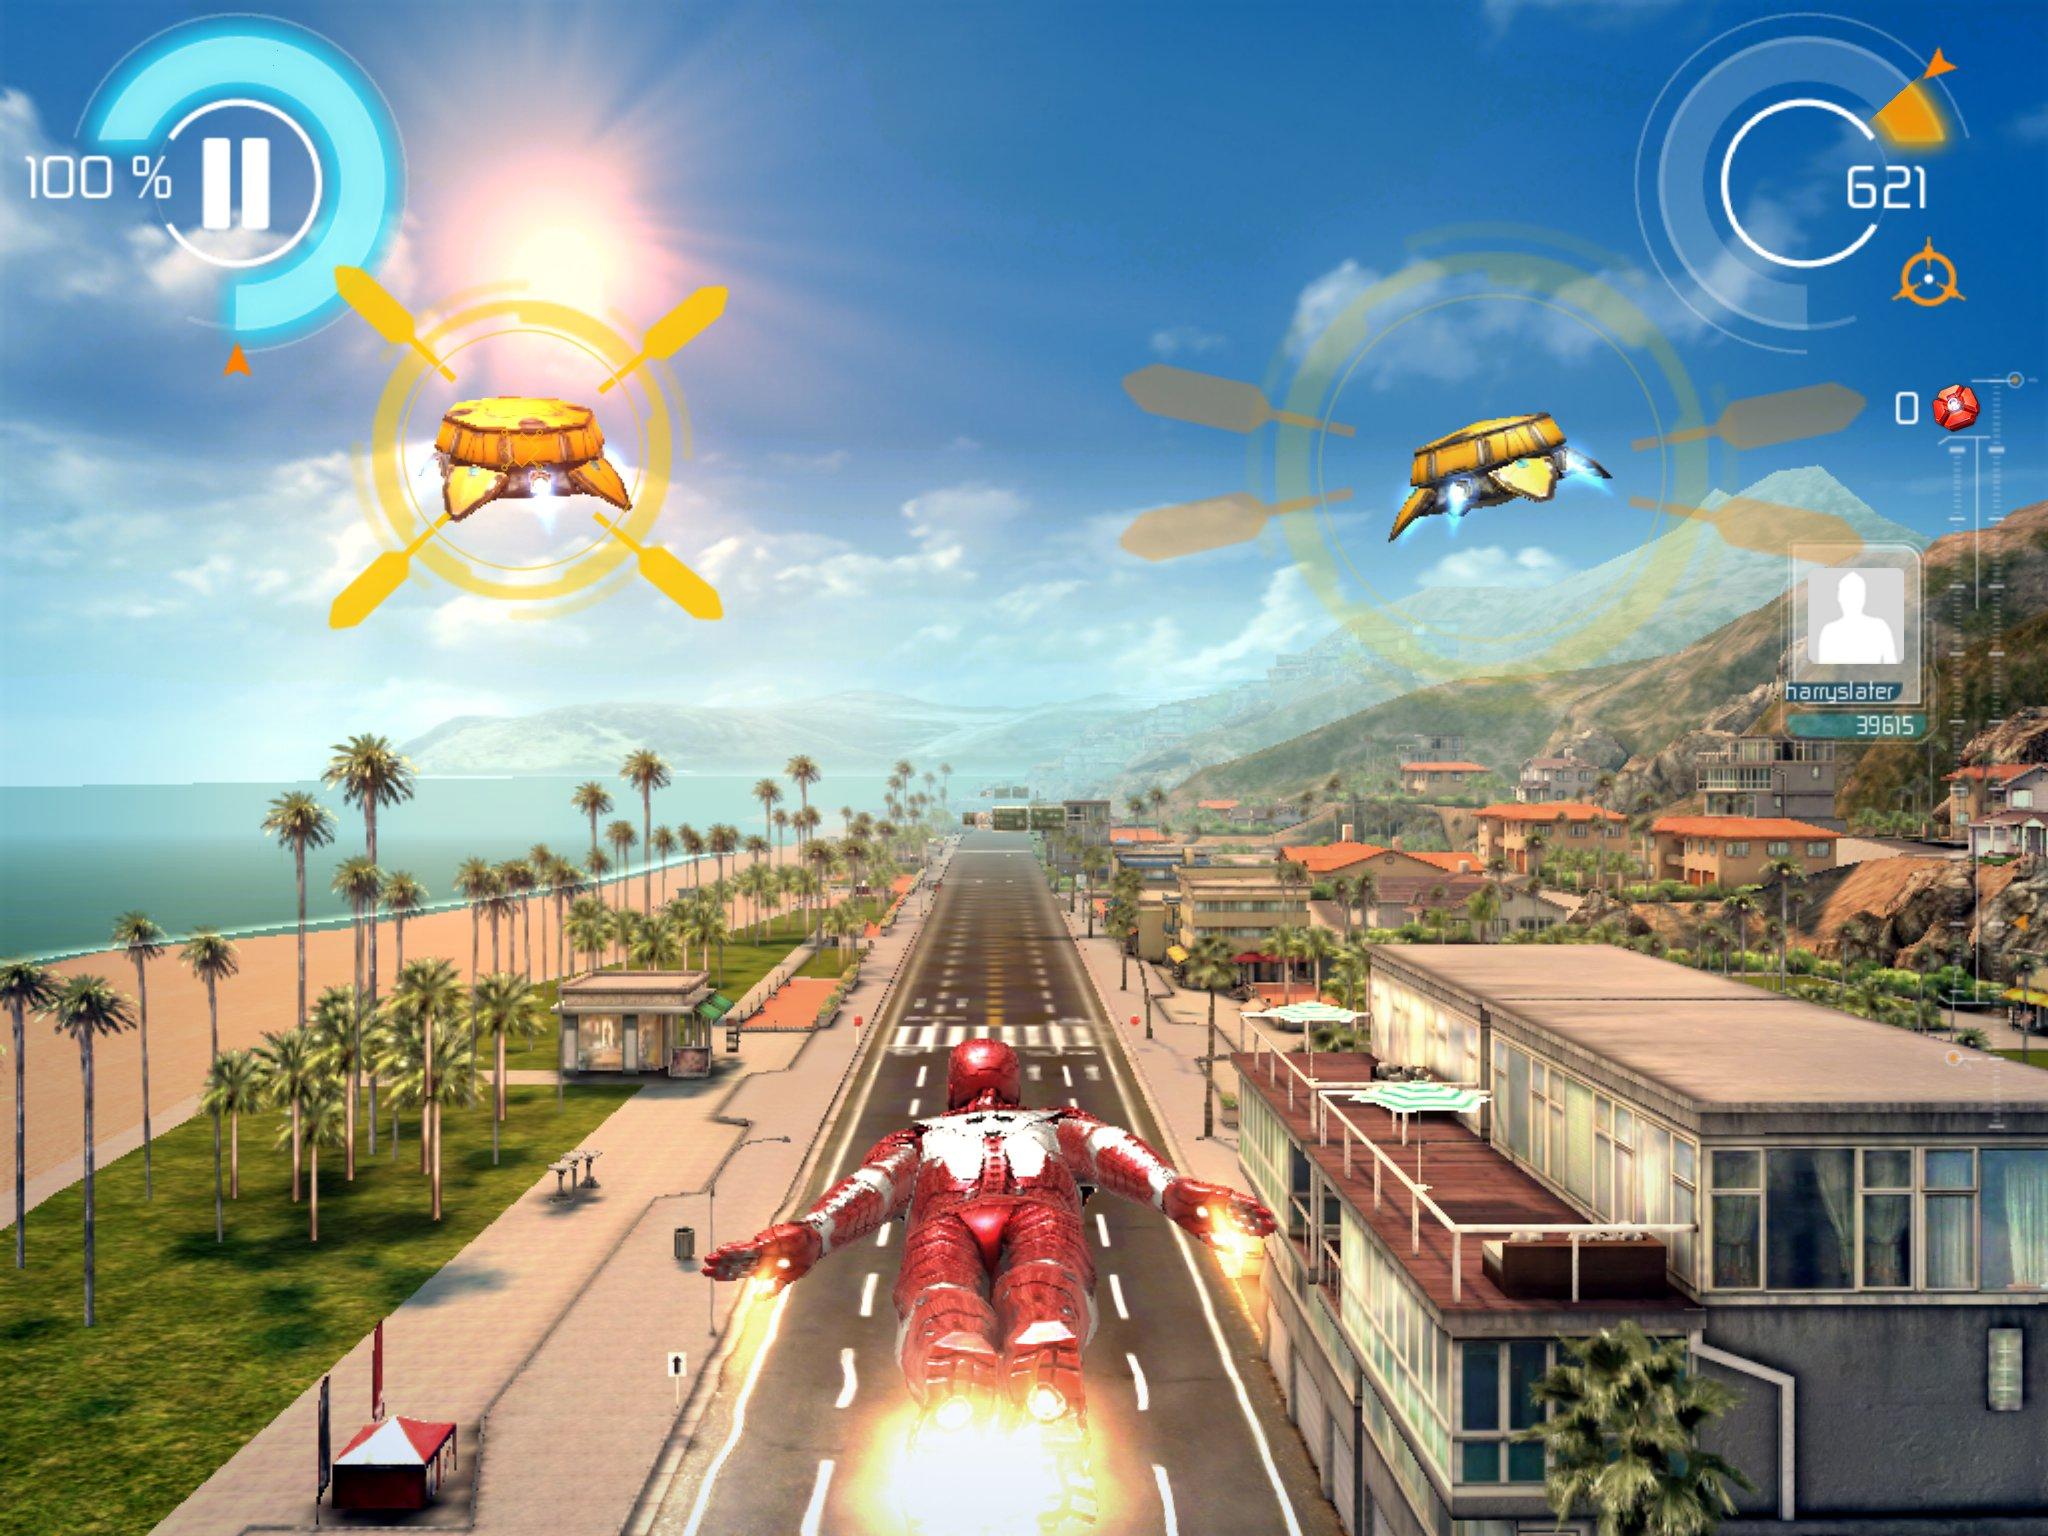 Скачать На Андроид Iron Man 3 Apk